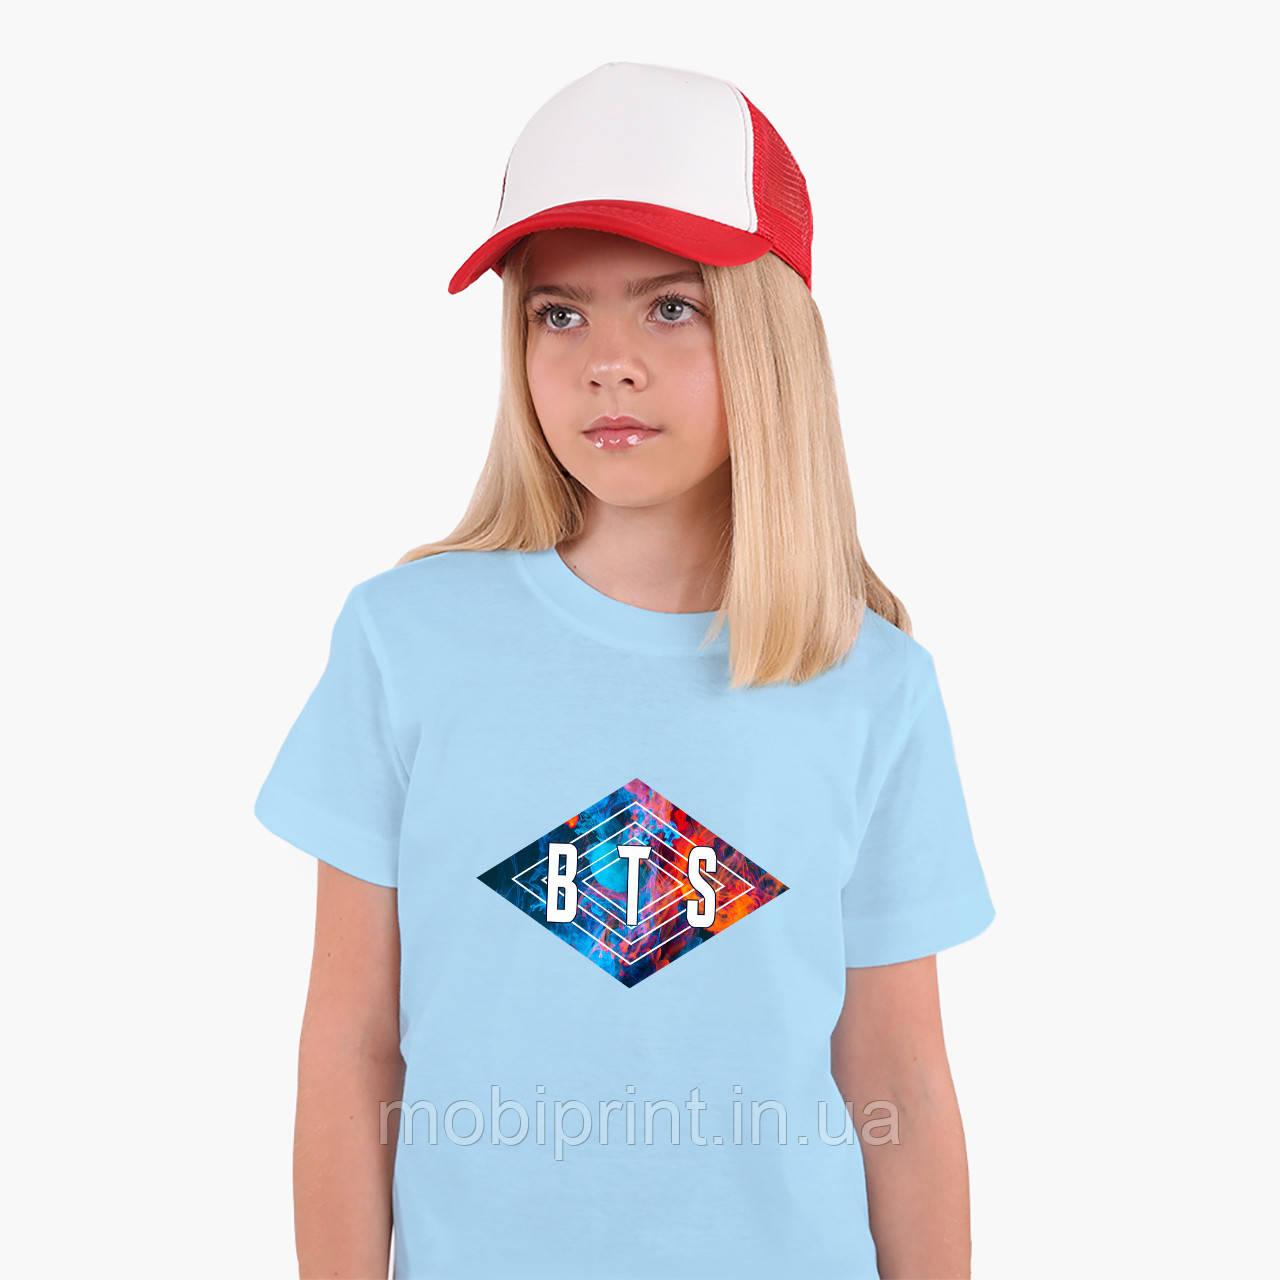 Детская футболка для девочек БТС (BTS) (25186-1062) Голубой